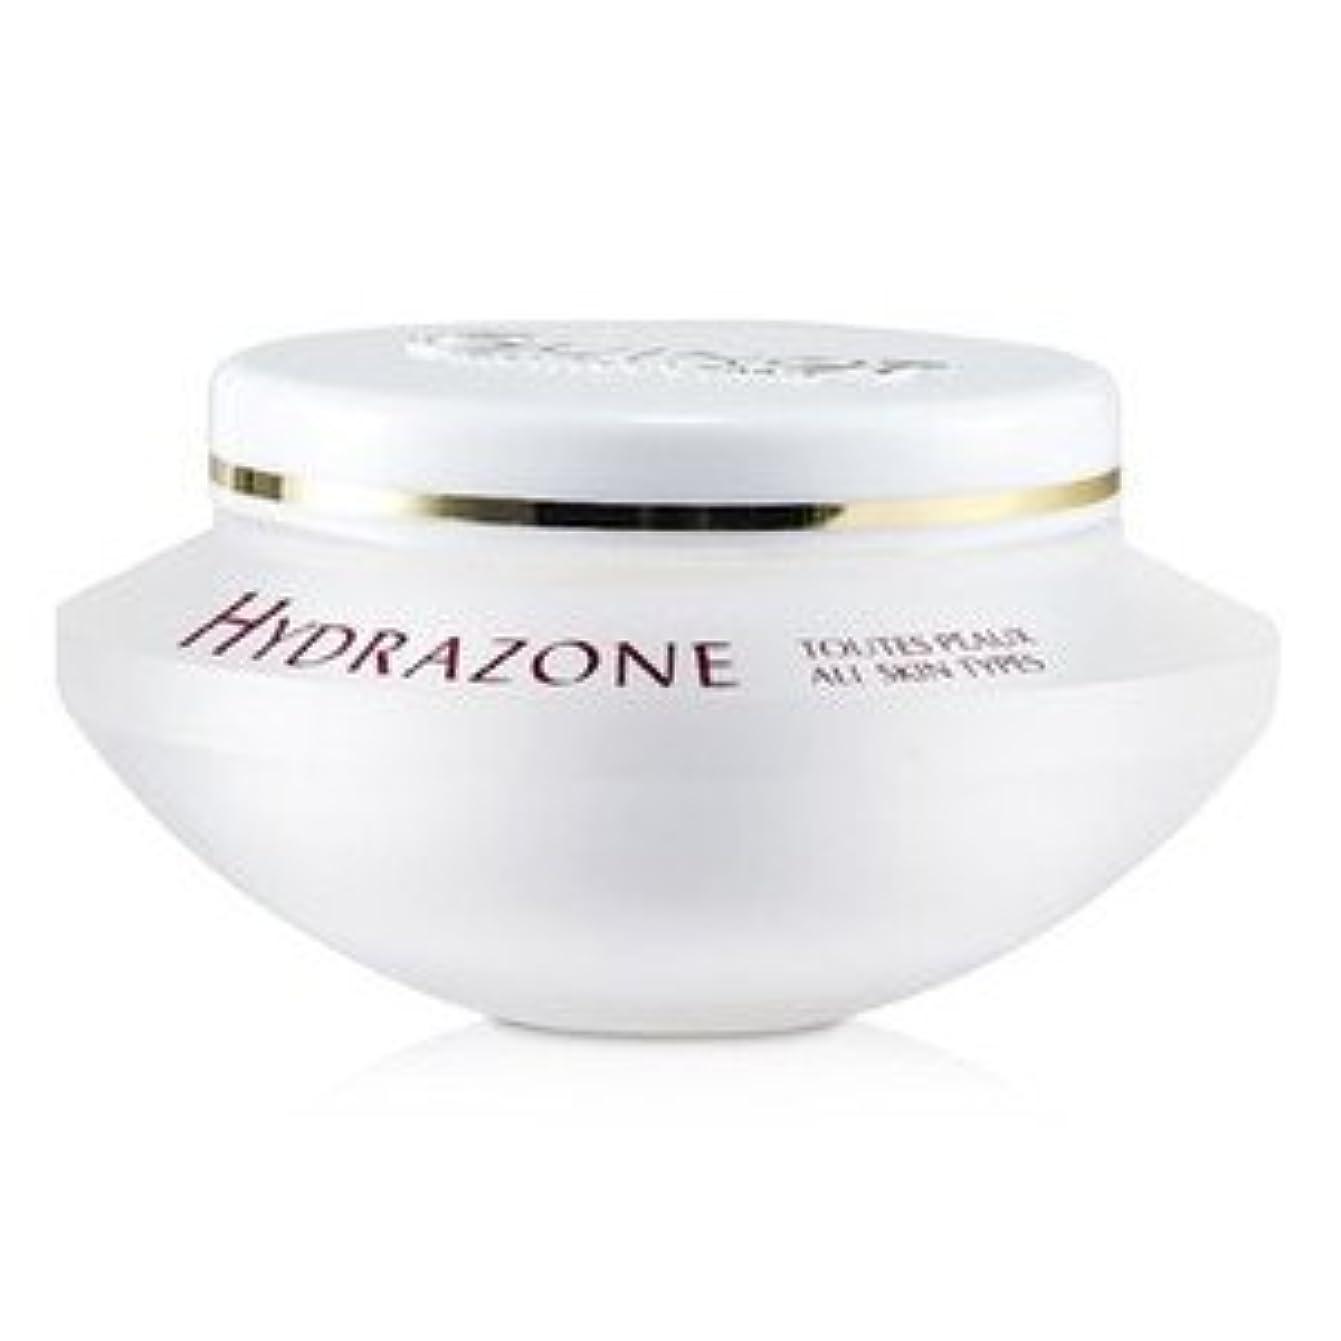 雇った半島招待Guinot Hydrazone toutes peaux moisturizing cream all skin types [並行輸入品]